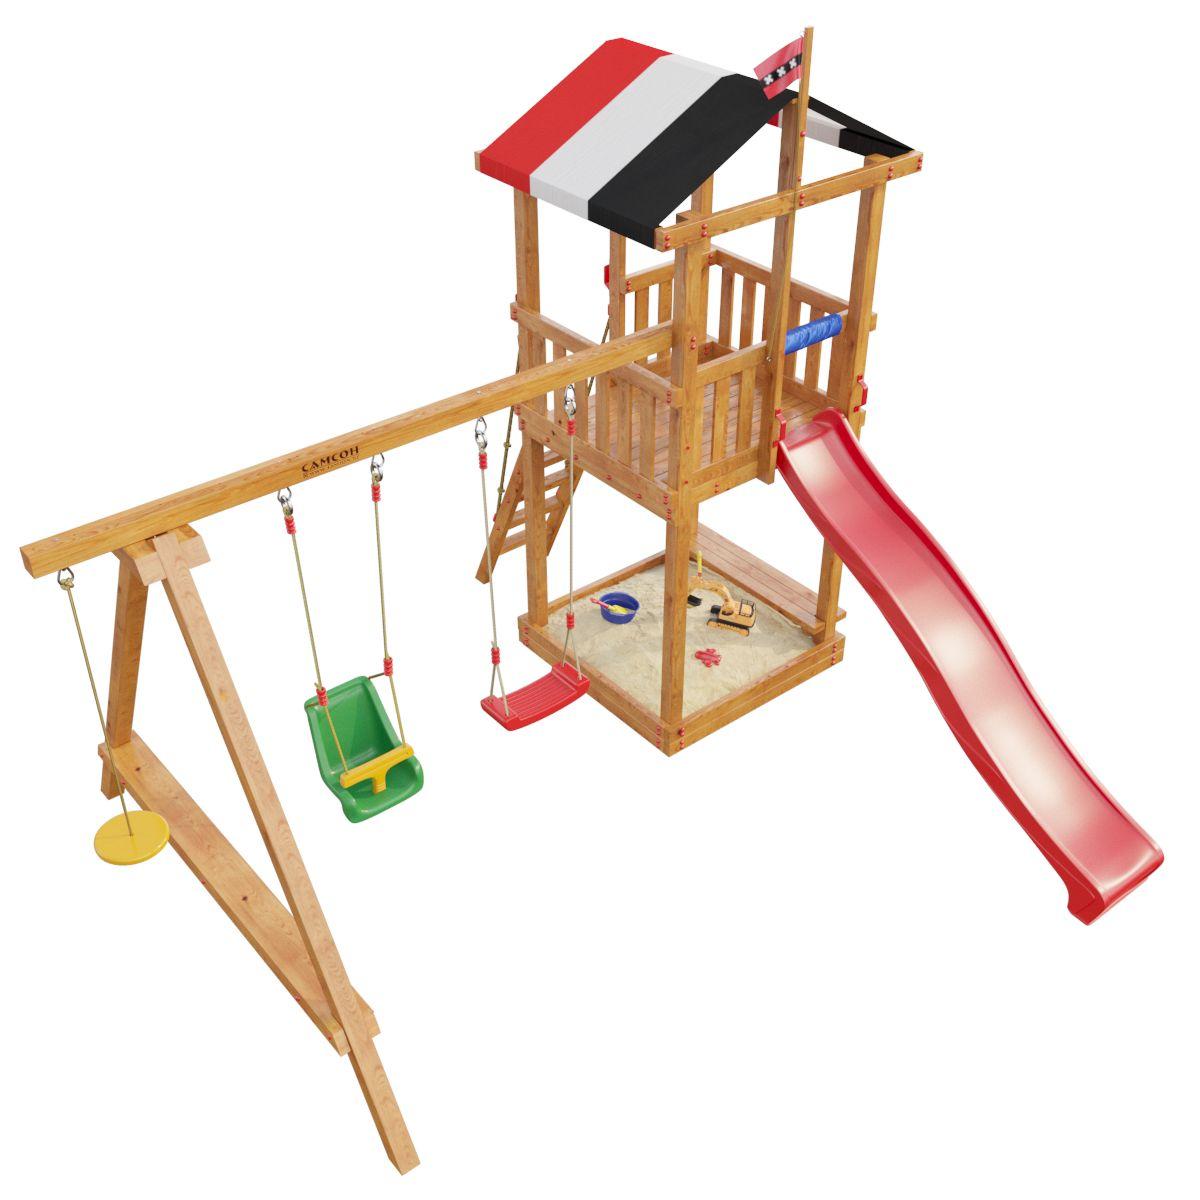 Детская игровая площадка Самсон Амстердам 2017 Массив дерева Сосна